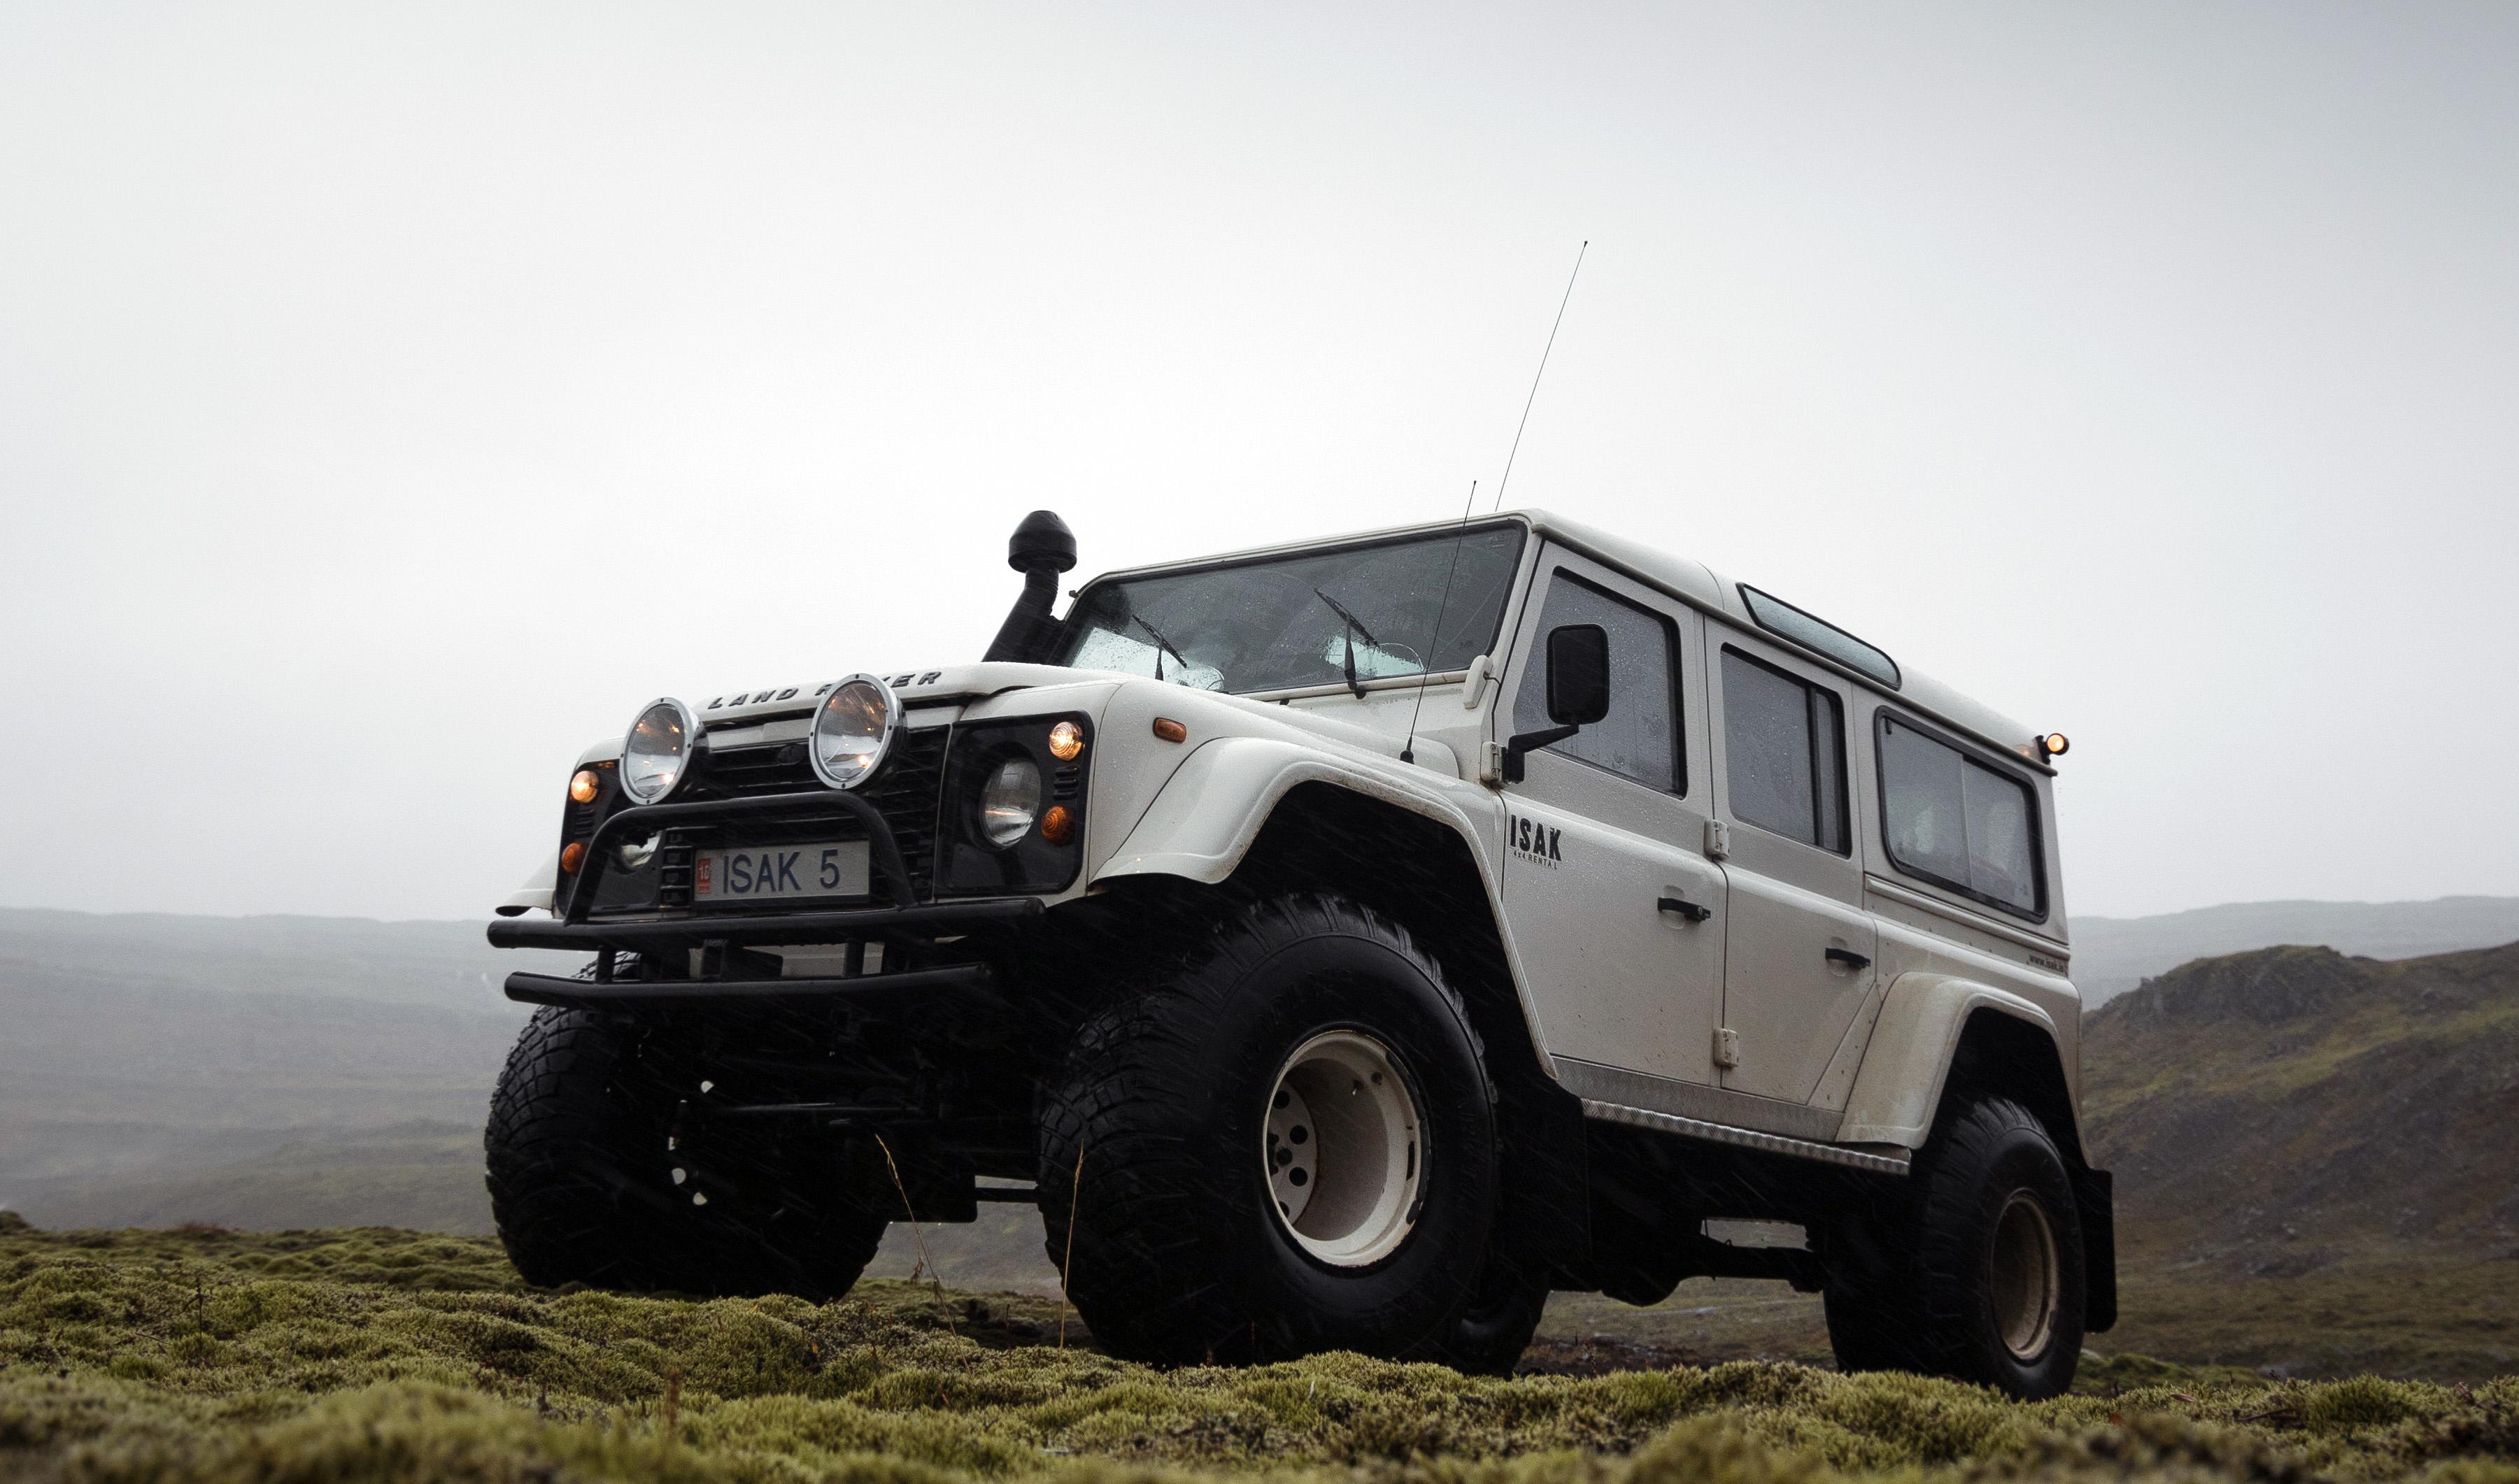 Джип на побережье Исландии, обои авто айфон 6, 3601 на 2122 пикселей